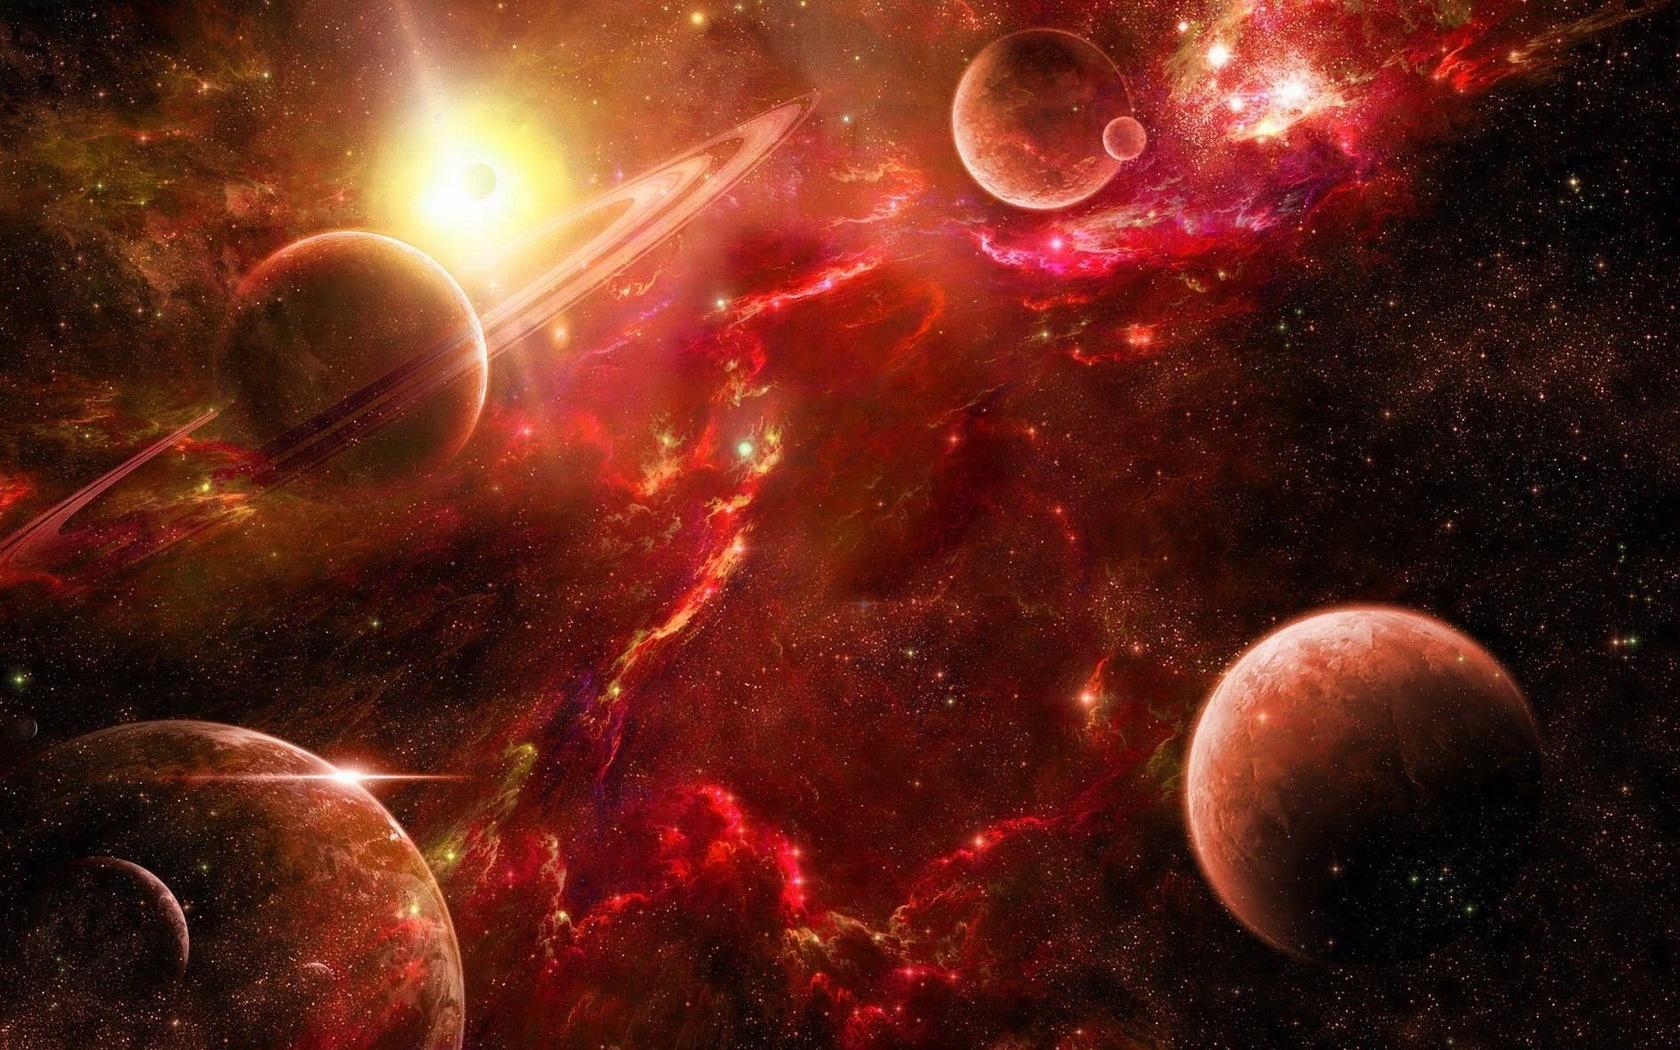 Картинка космос большого размера